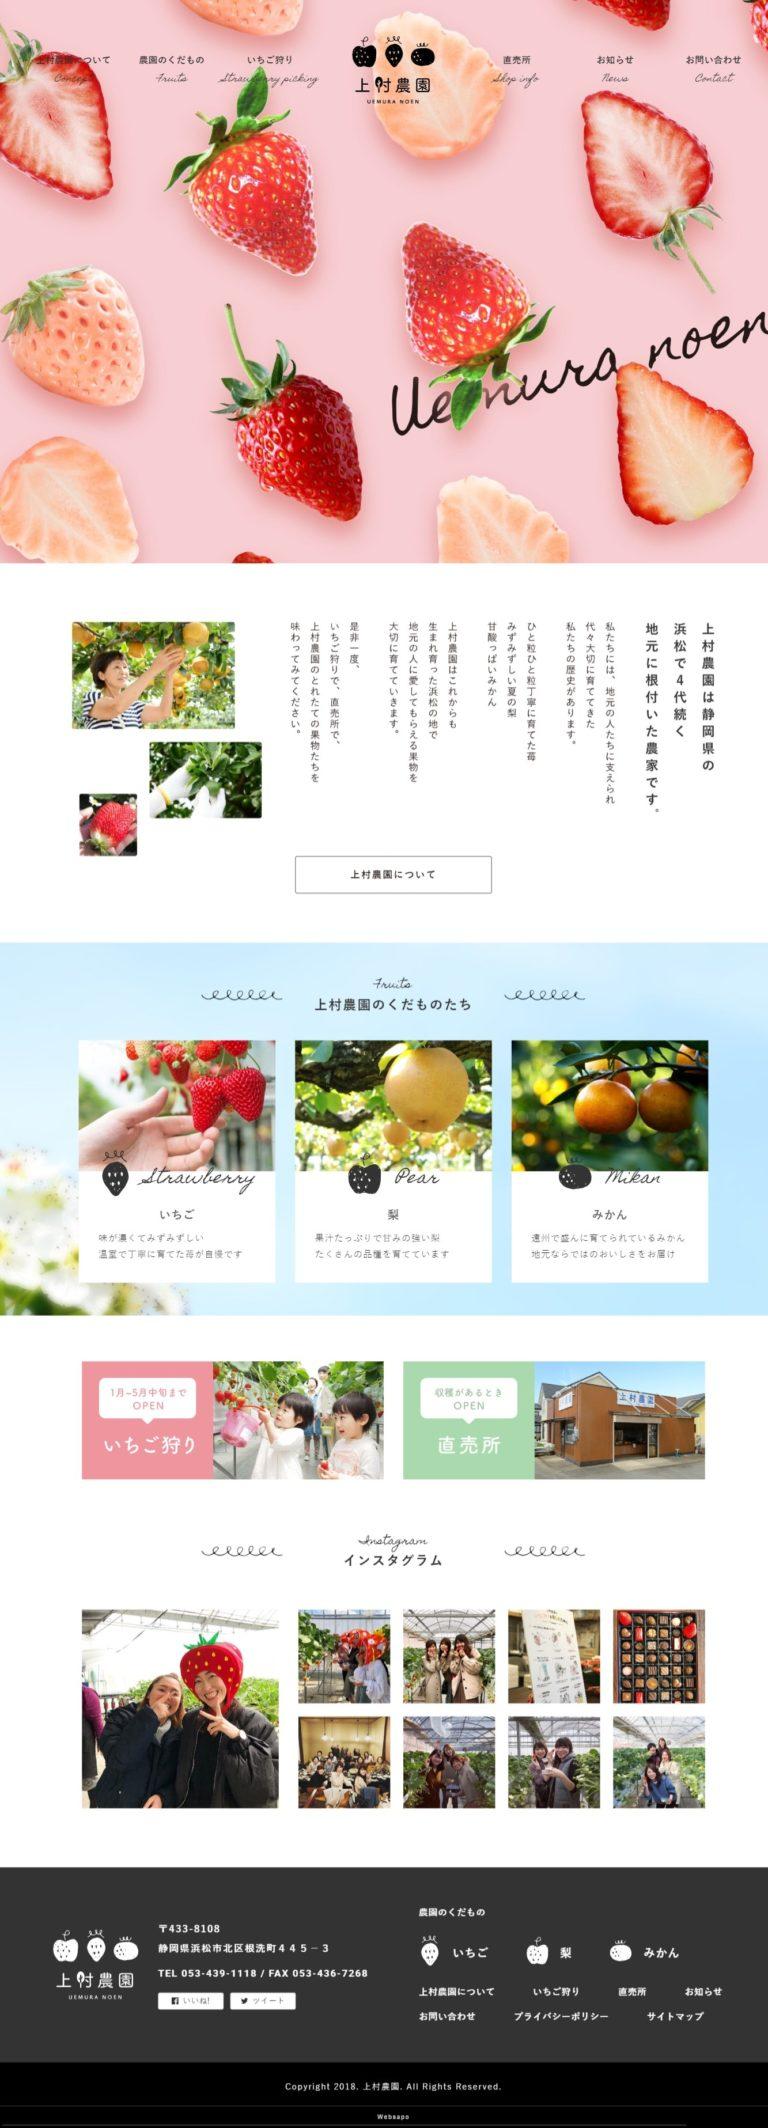 静岡県浜松市の上村農園|いちご・梨・みかんを直売・いちご狩りも